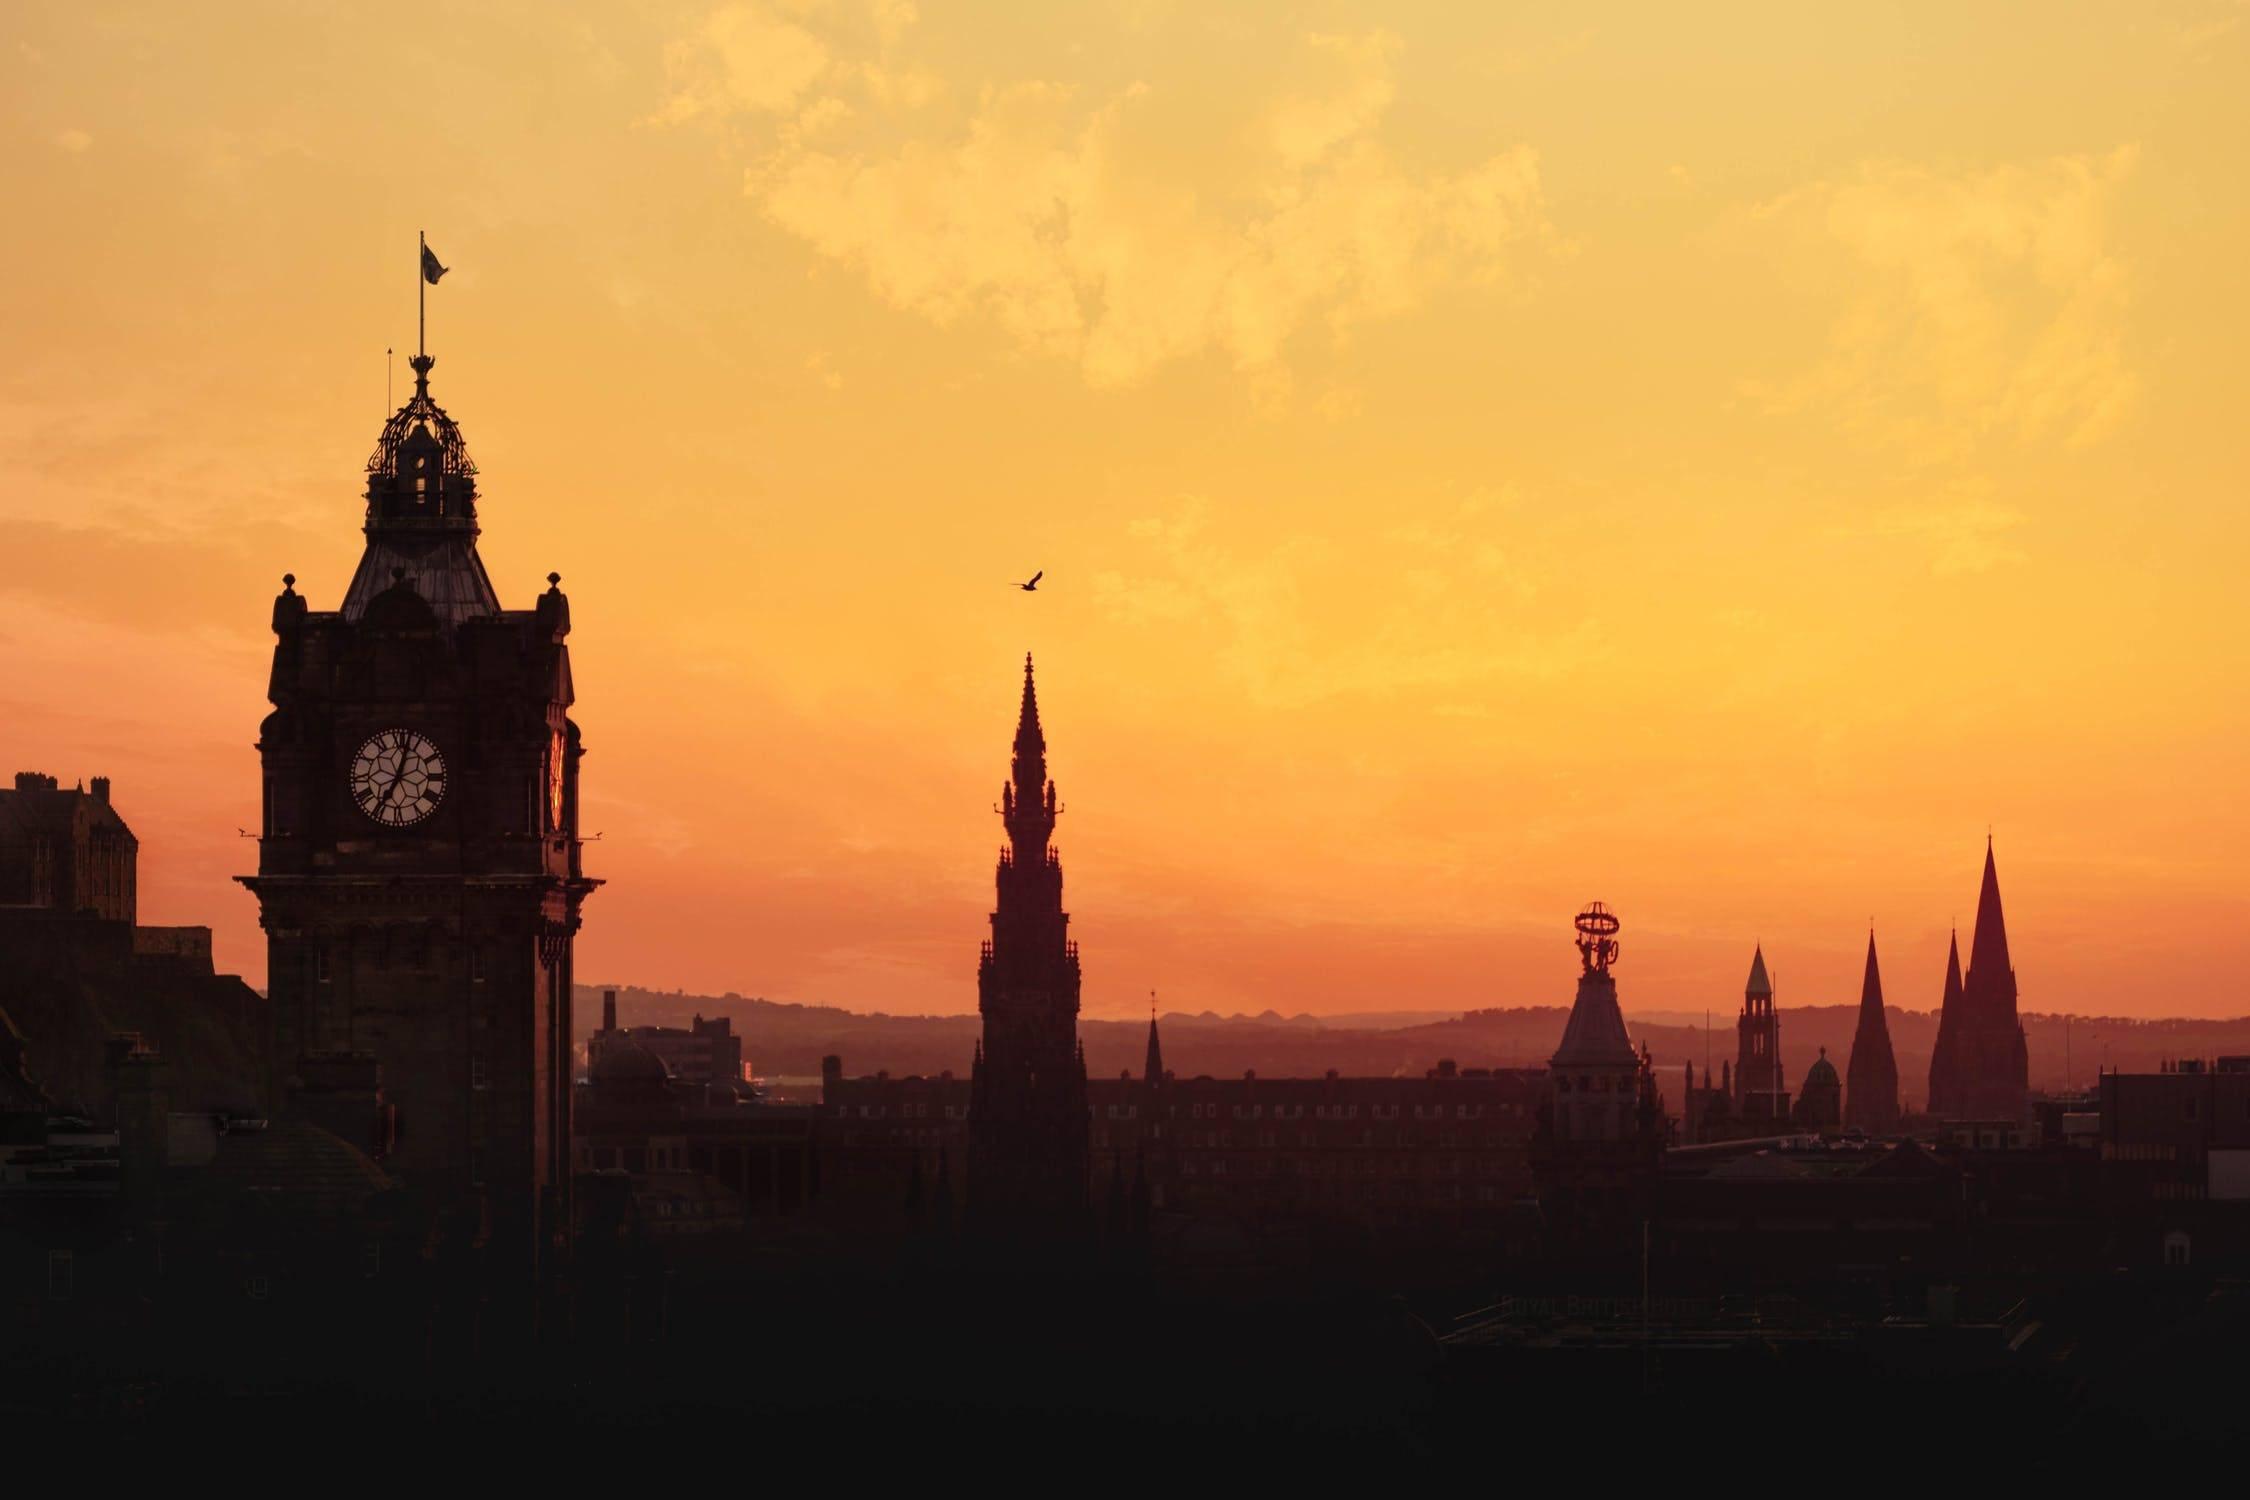 Edynburg – klimatyczne zdjęcia w stolicy Szkocji